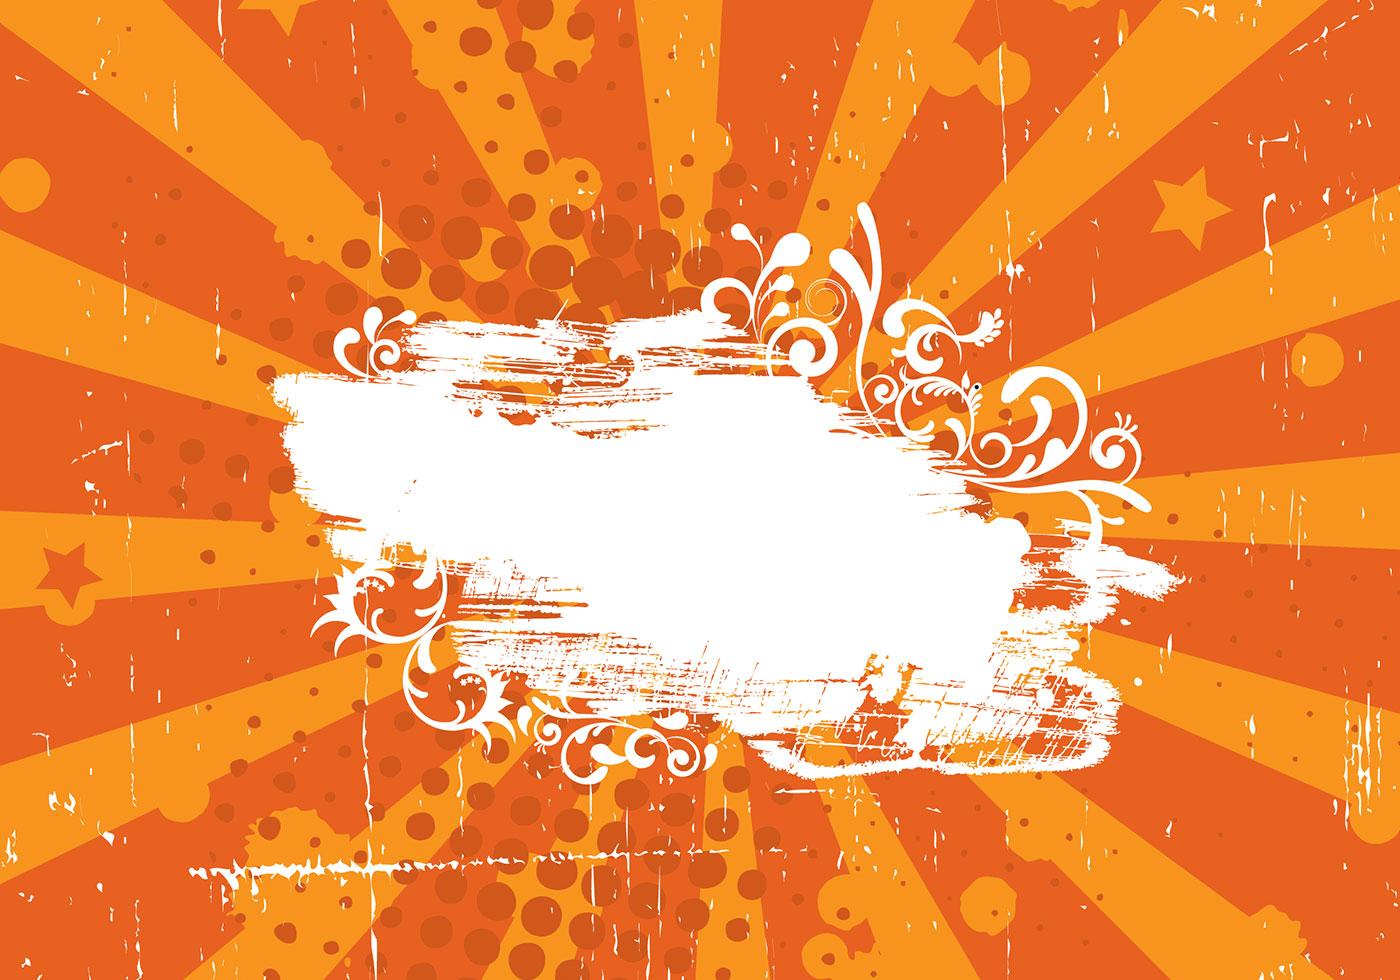 Grunge Orange Sunburst Vector Background - Download Free ...